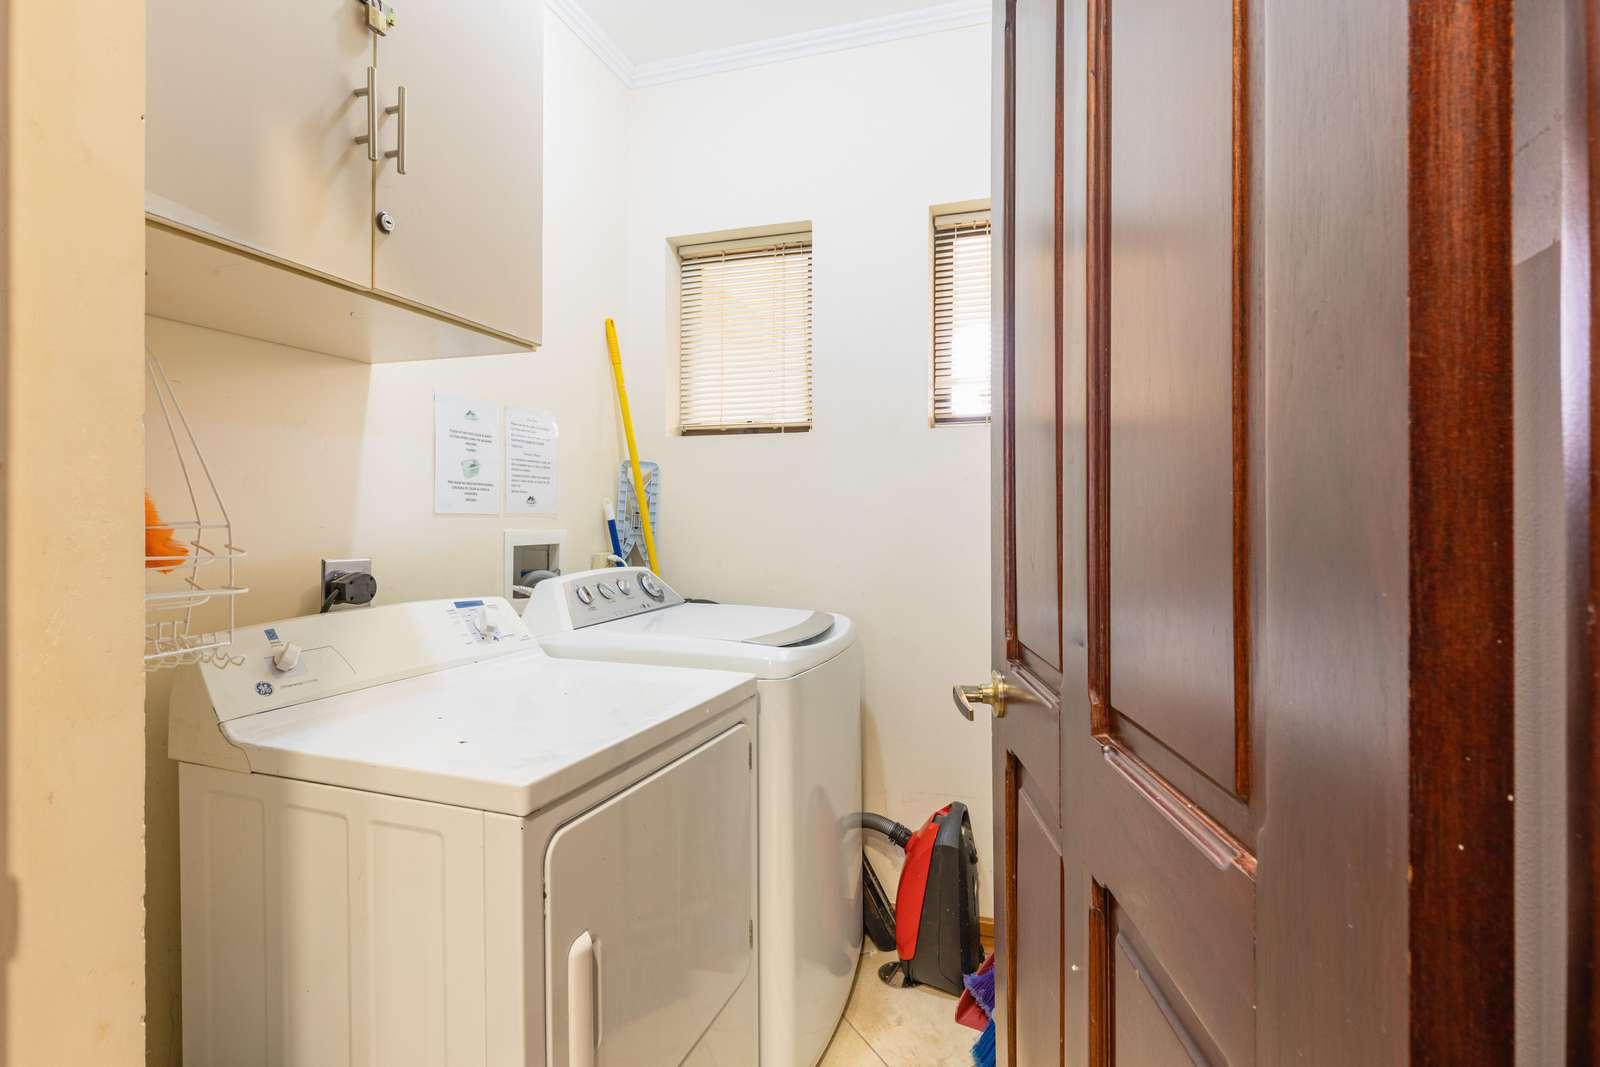 Laundry room inside condo